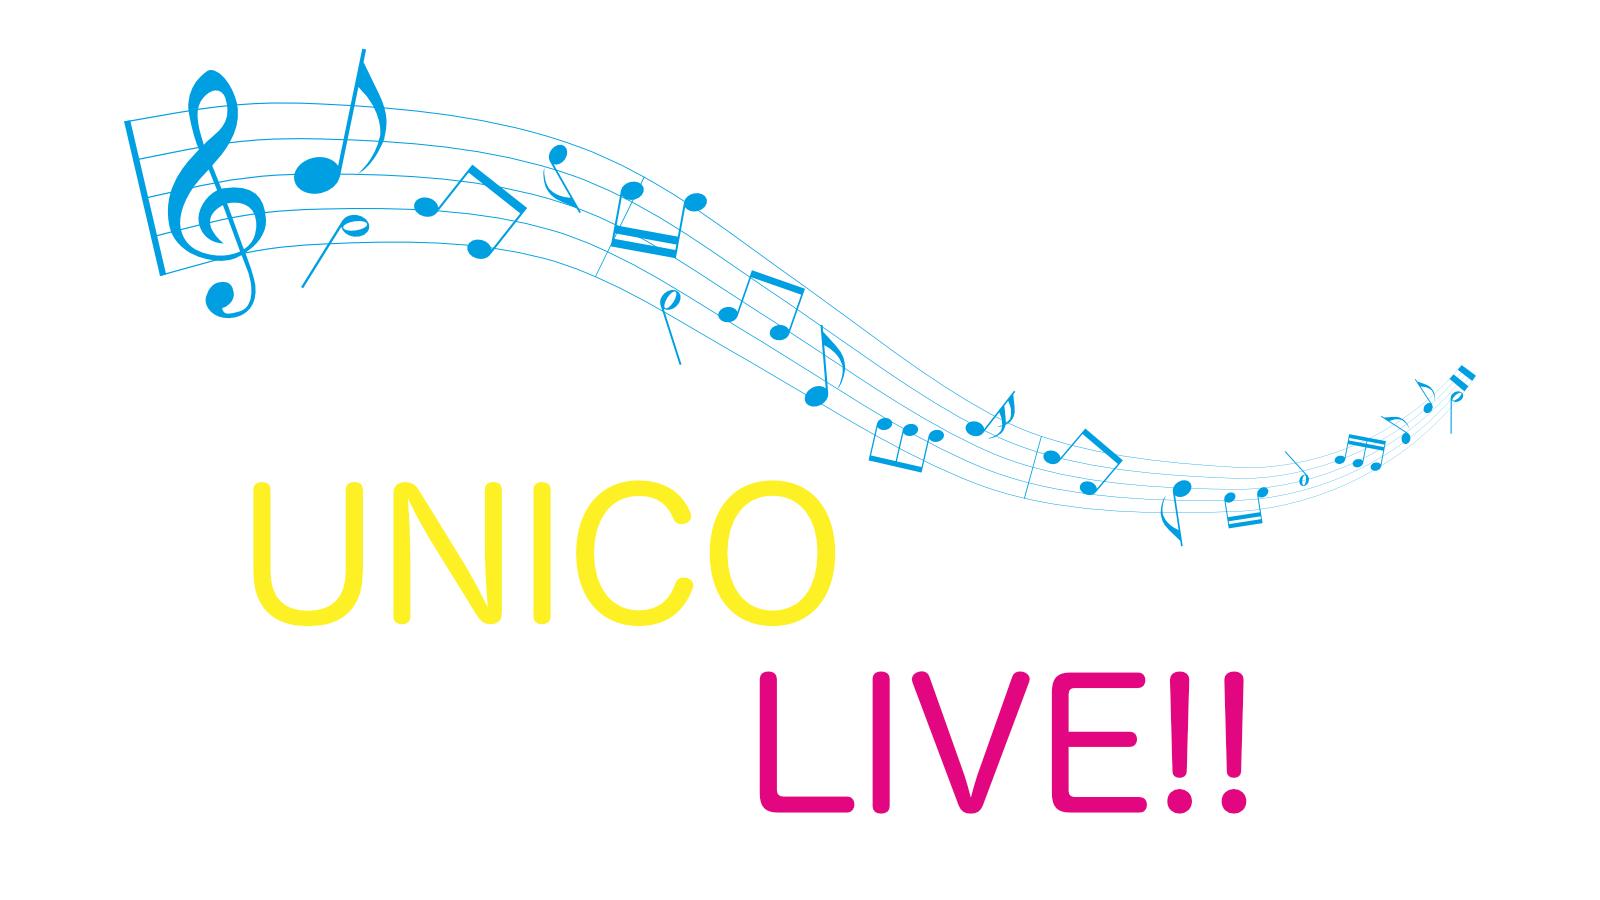 UNICOの発表会【UNICO LIVE!!】